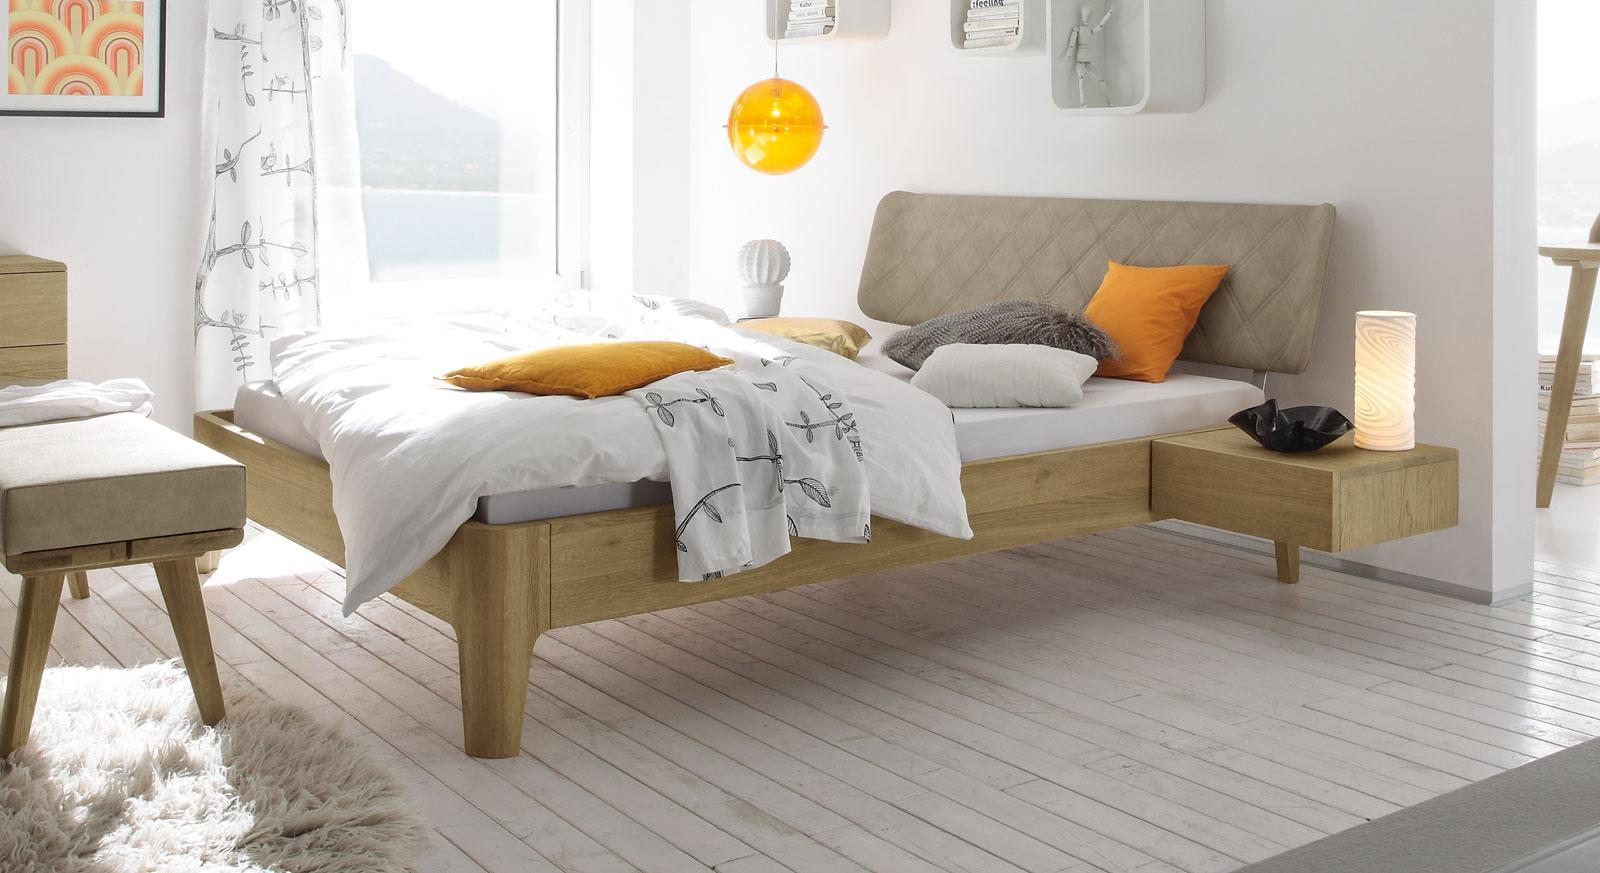 modernes bett design trends 2012, modernes bett design trends 2012 – vitaplaza, Design ideen